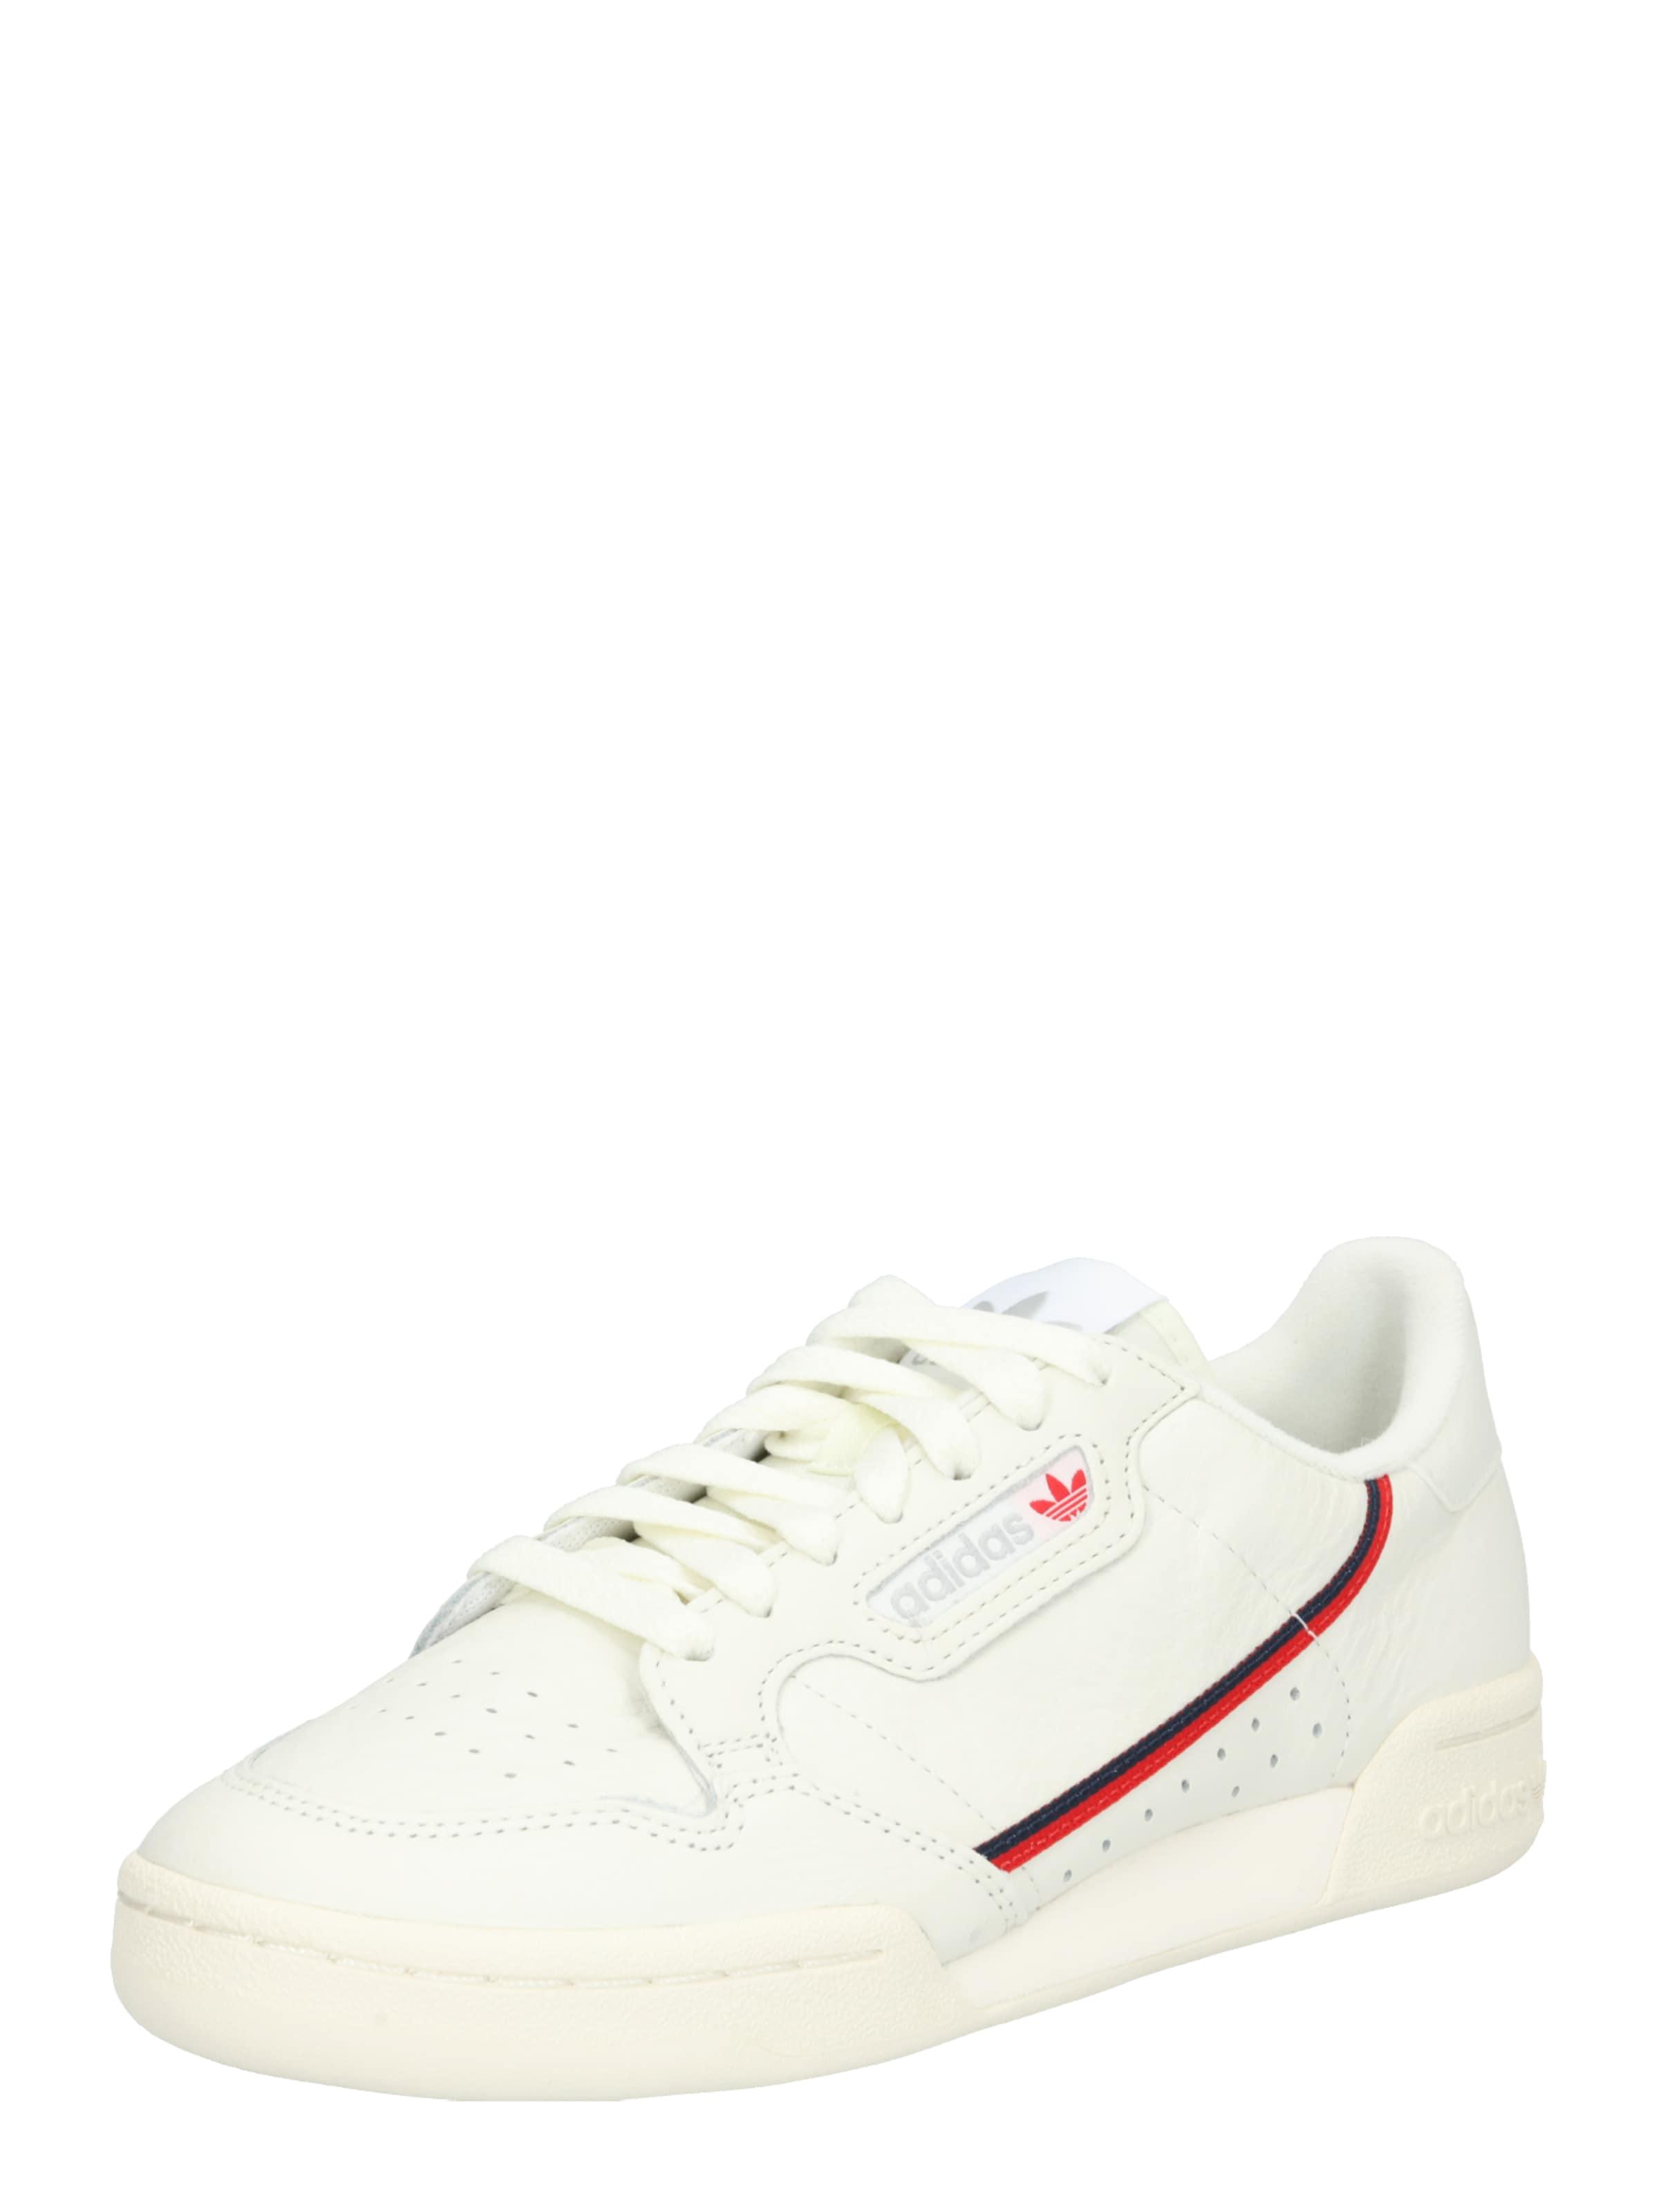 In 'continental RotSchwarz Sneaker Adidas 80' Offwhite Originals QdoWrEBCxe